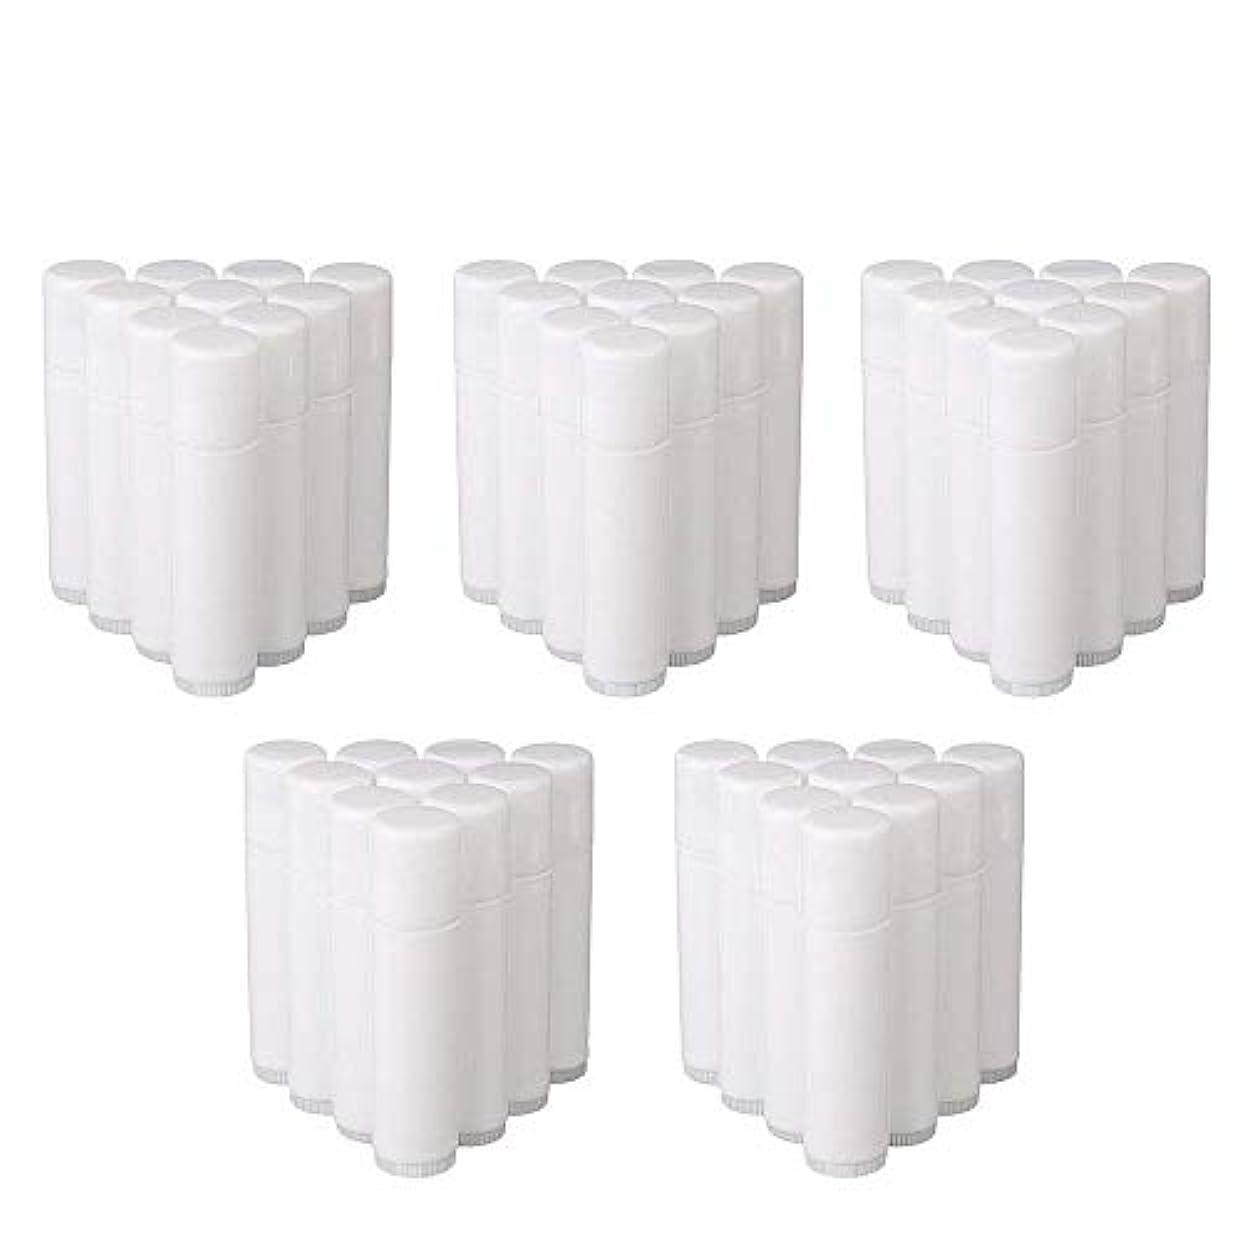 ロータリー文庫本派生するCOOLBOTANG リップバームチューブ リップクリーム 繰り出し ホワイト 手作りコスメ 手作り化粧品/リップクリーム 50個 5g ミニ 詰め替え容器